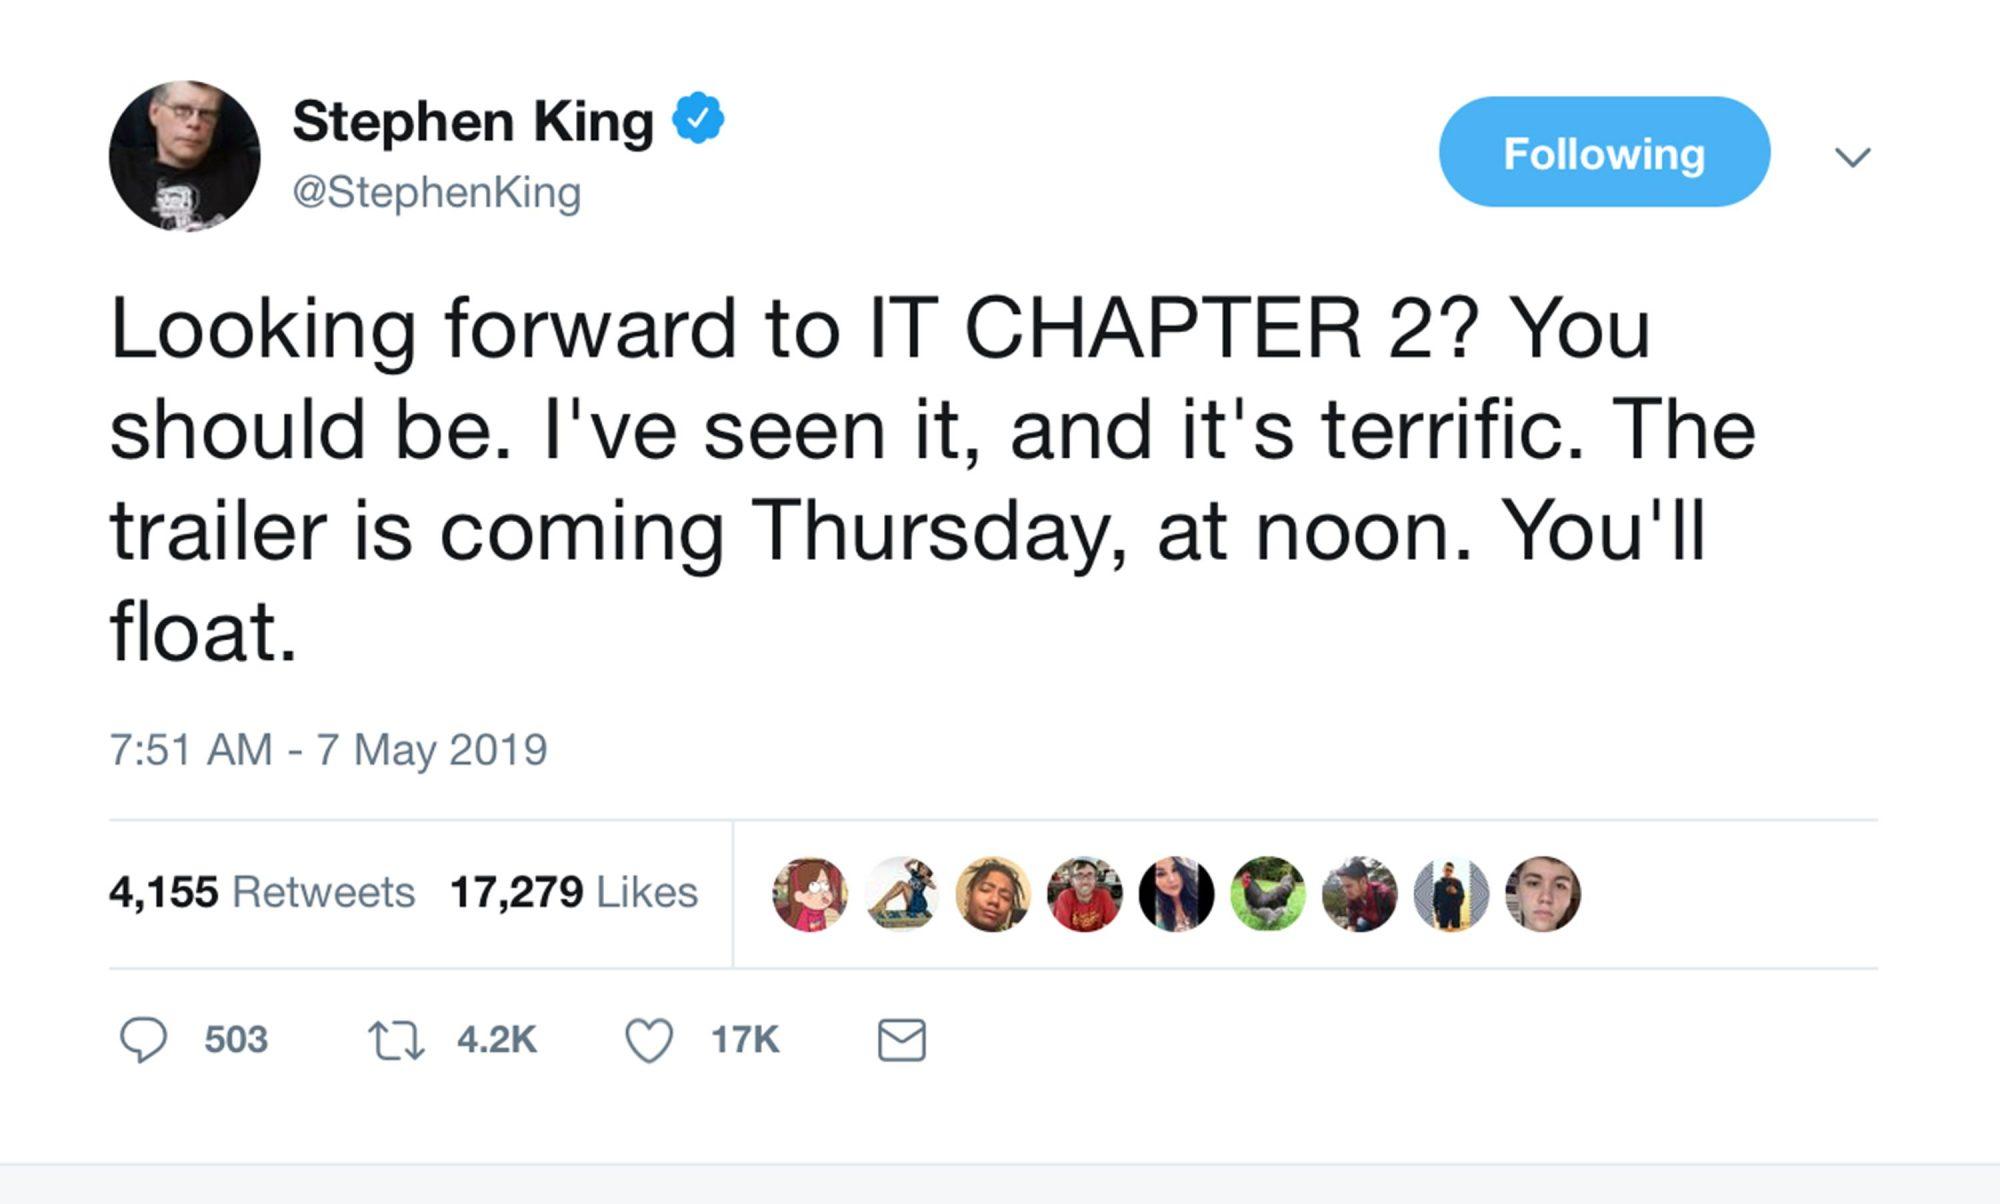 King confirms